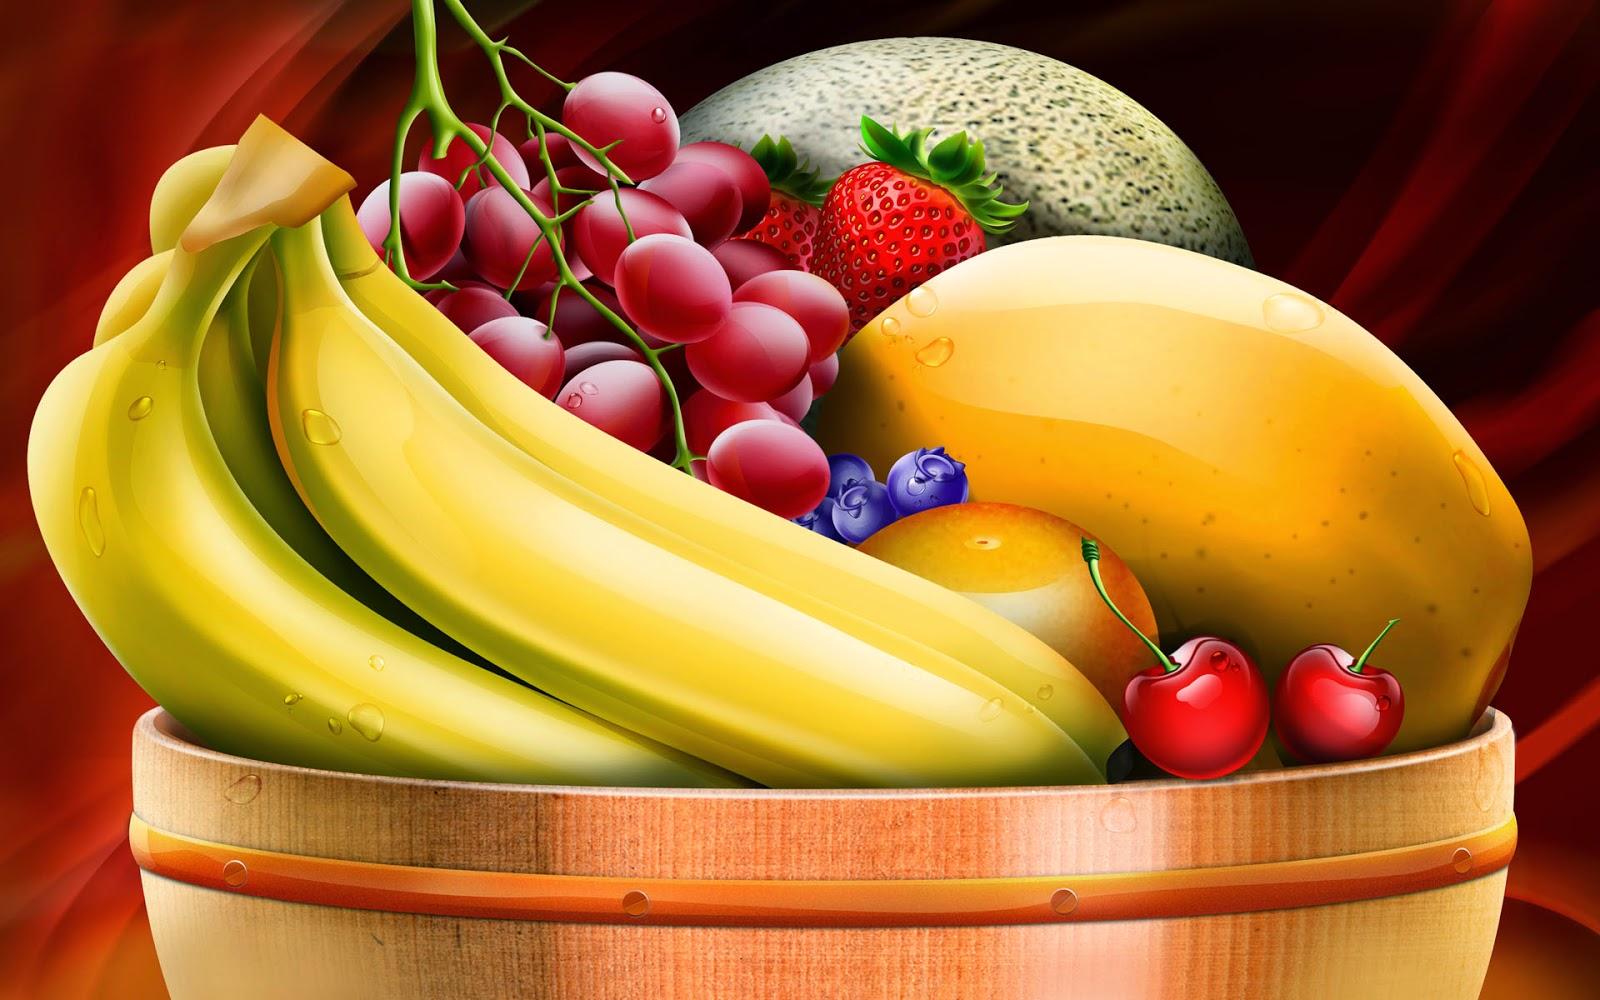 تناول الفواكه باستمرار... حل مثالي لتجنب أمراض النساء القاتلة